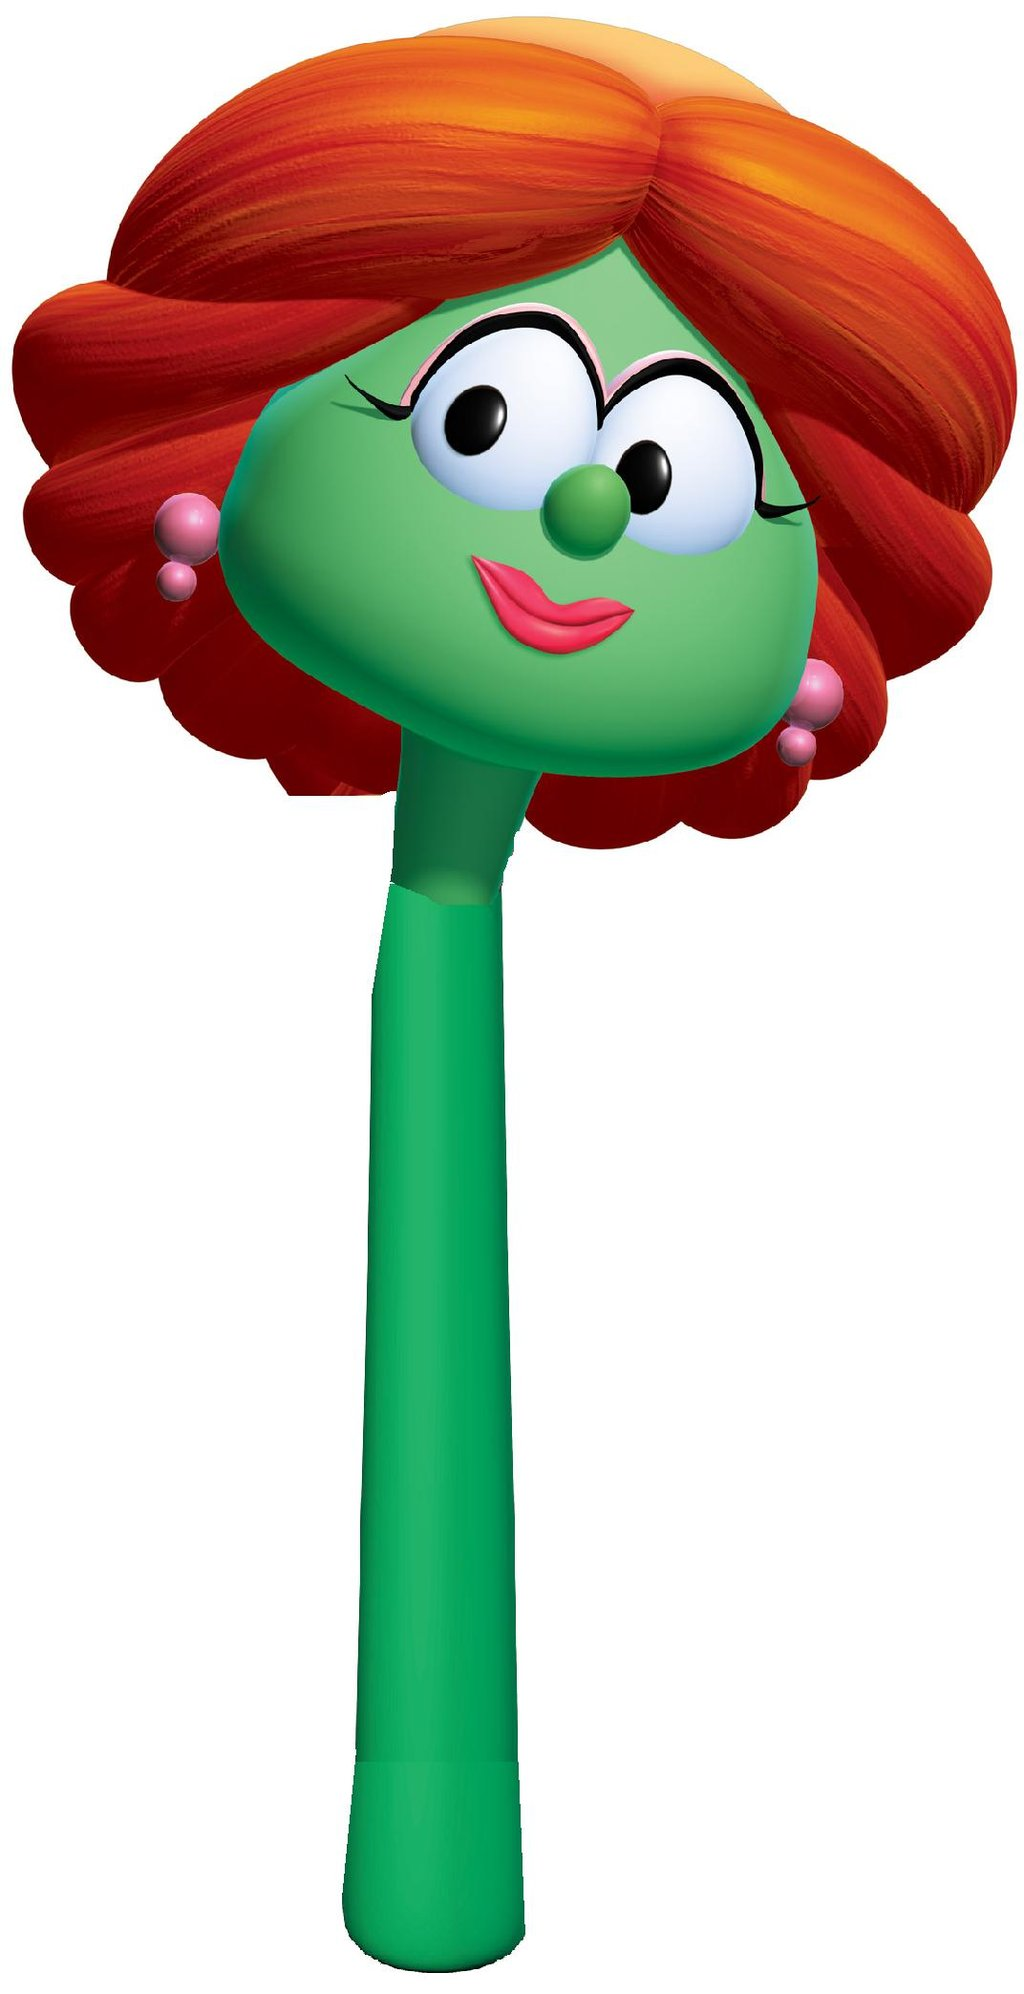 Petunia Rhubarb Cucumber Veggie Tales Cartoons